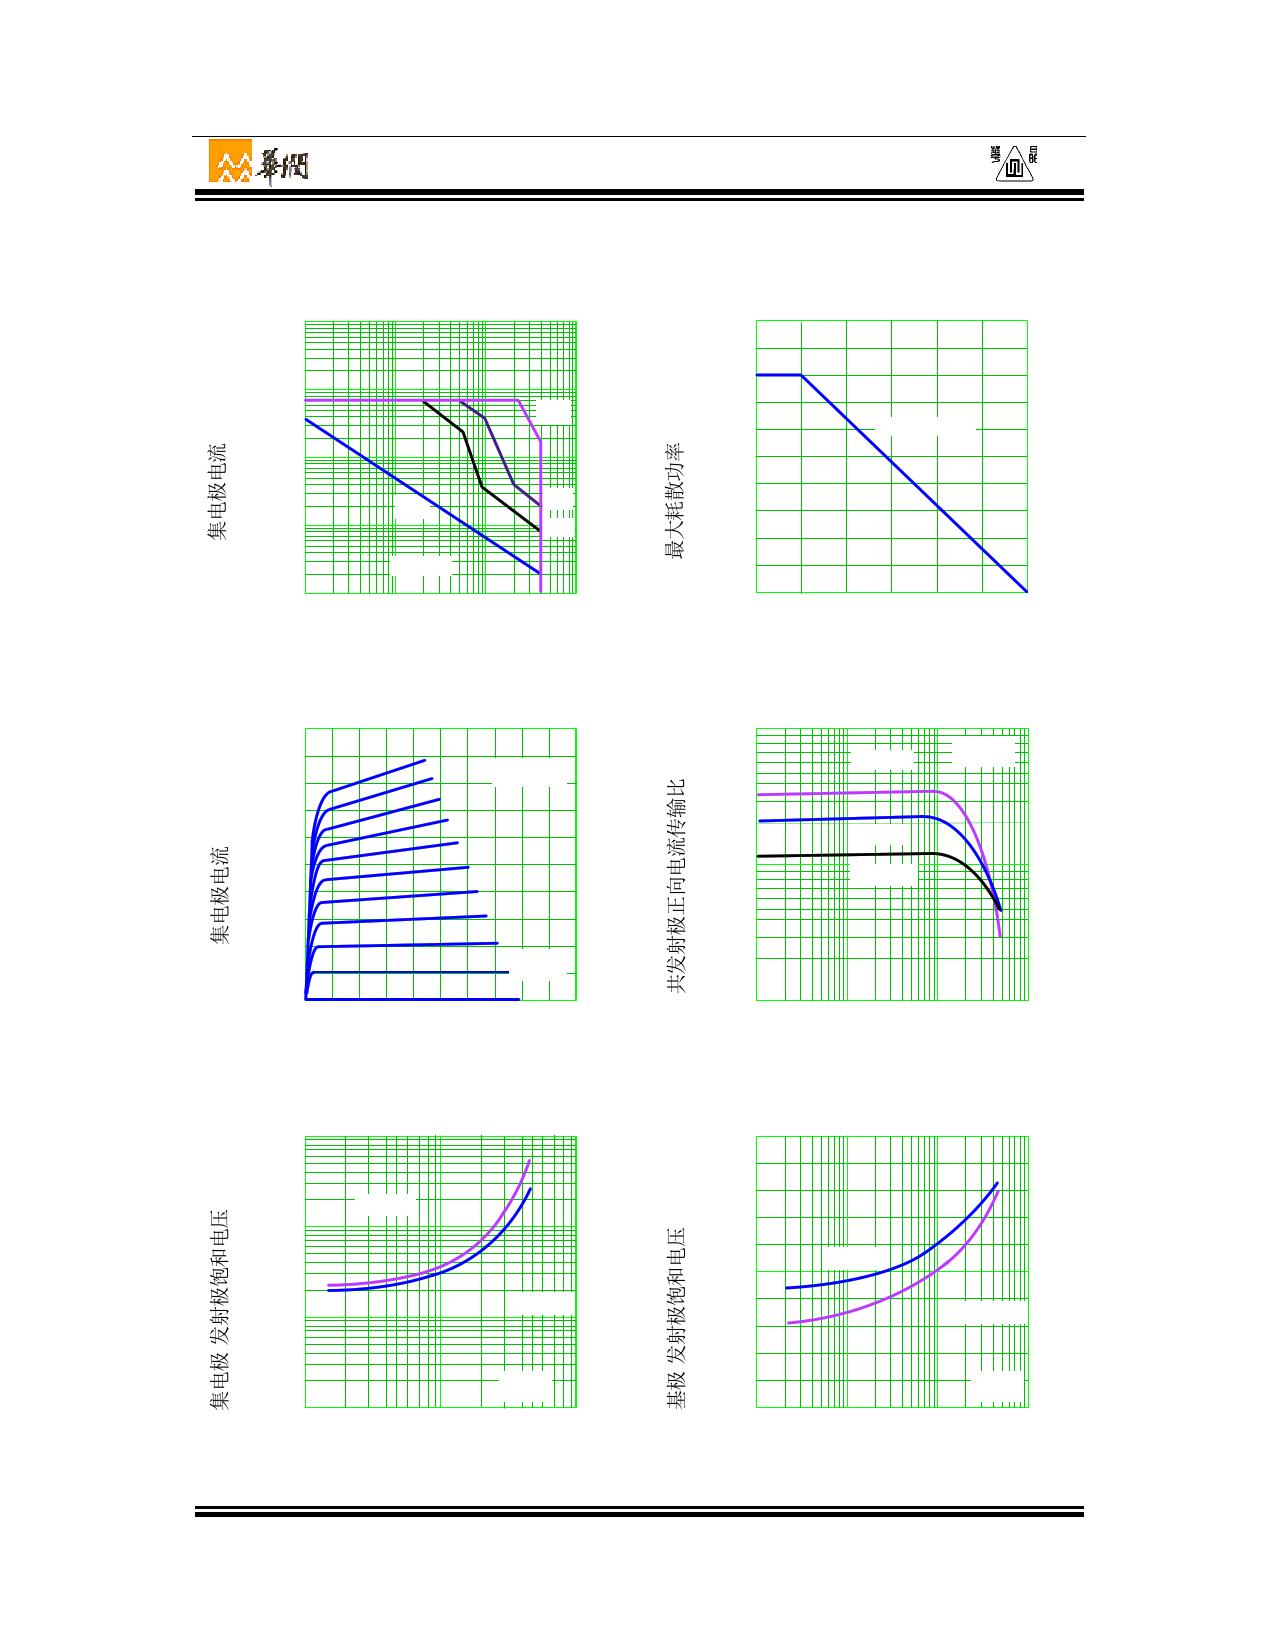 3DG2482S pdf, ピン配列